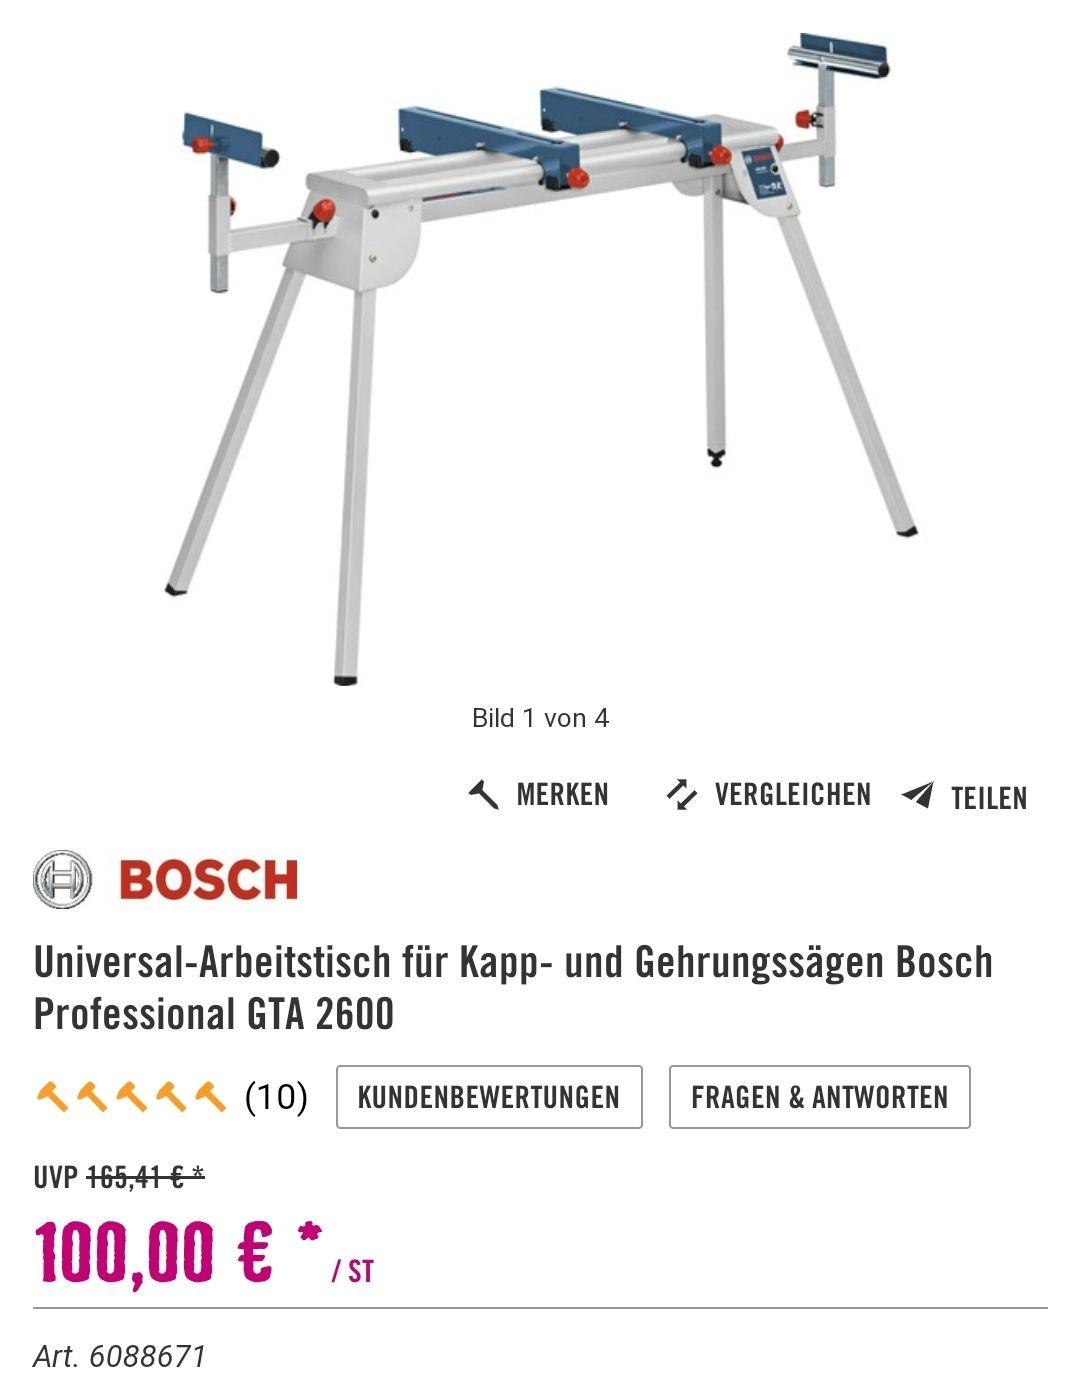 Bosch GTA 2600 Professional 100€ Hornbach oder TPG Bauhaus für 88€